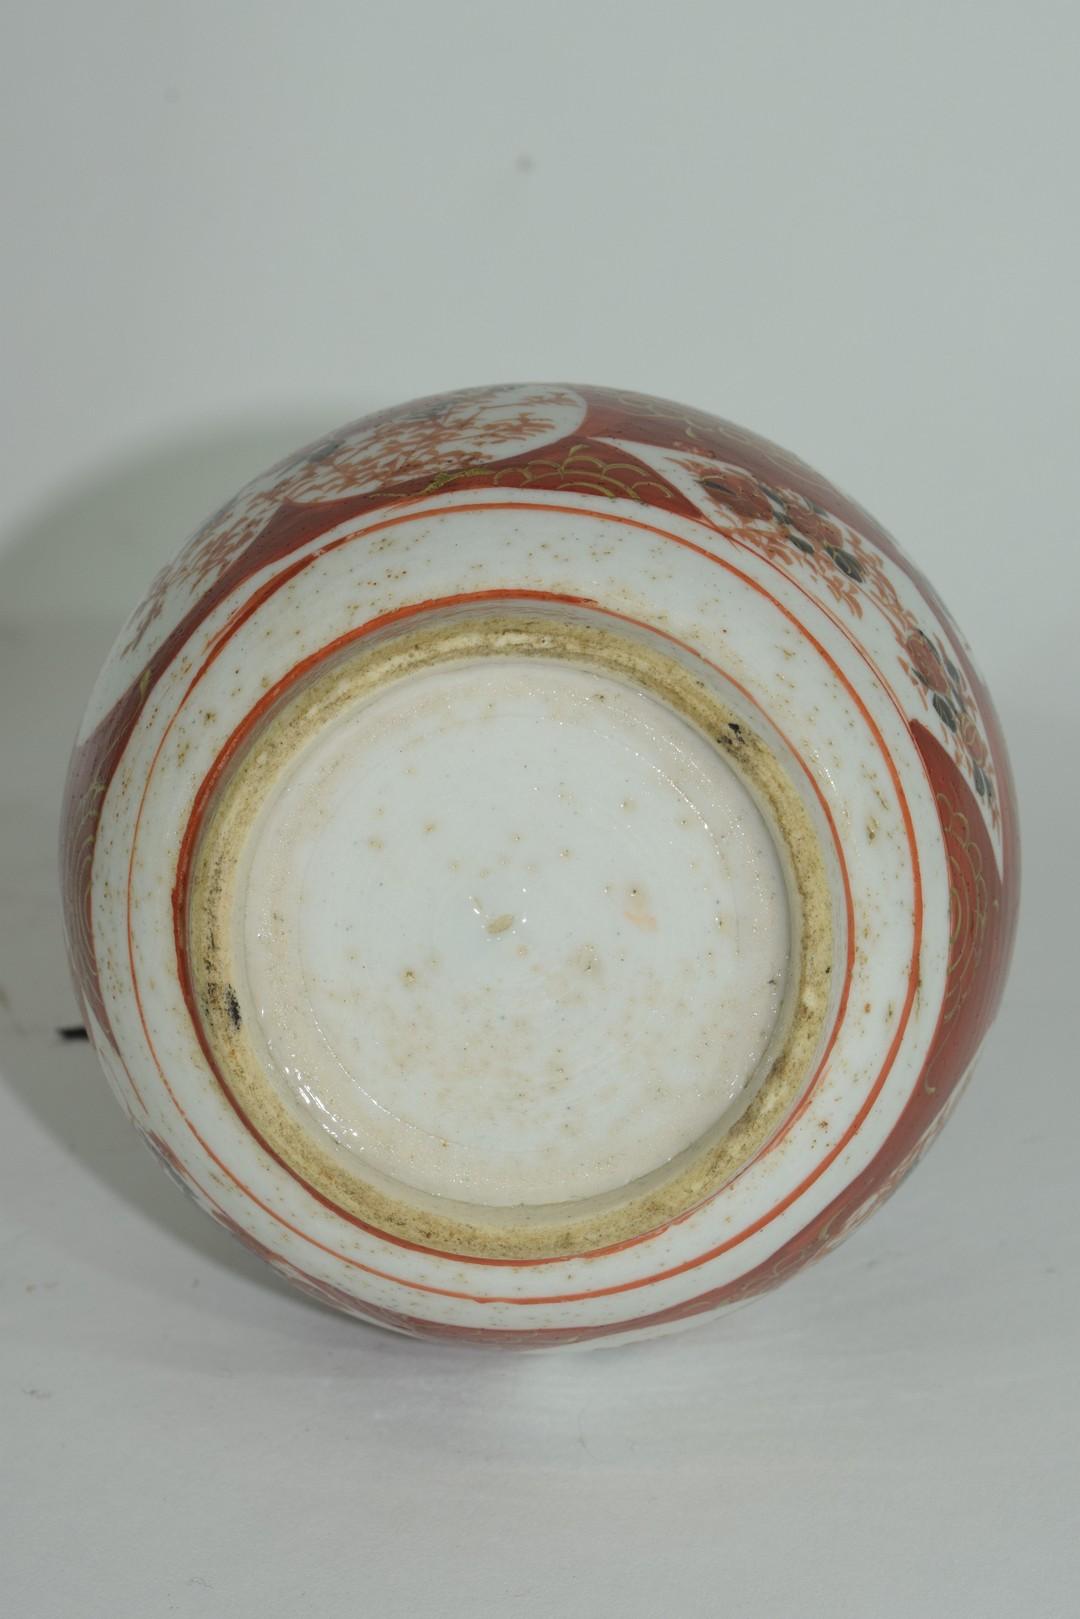 Group of Japanese Kutani style vases - Image 5 of 18